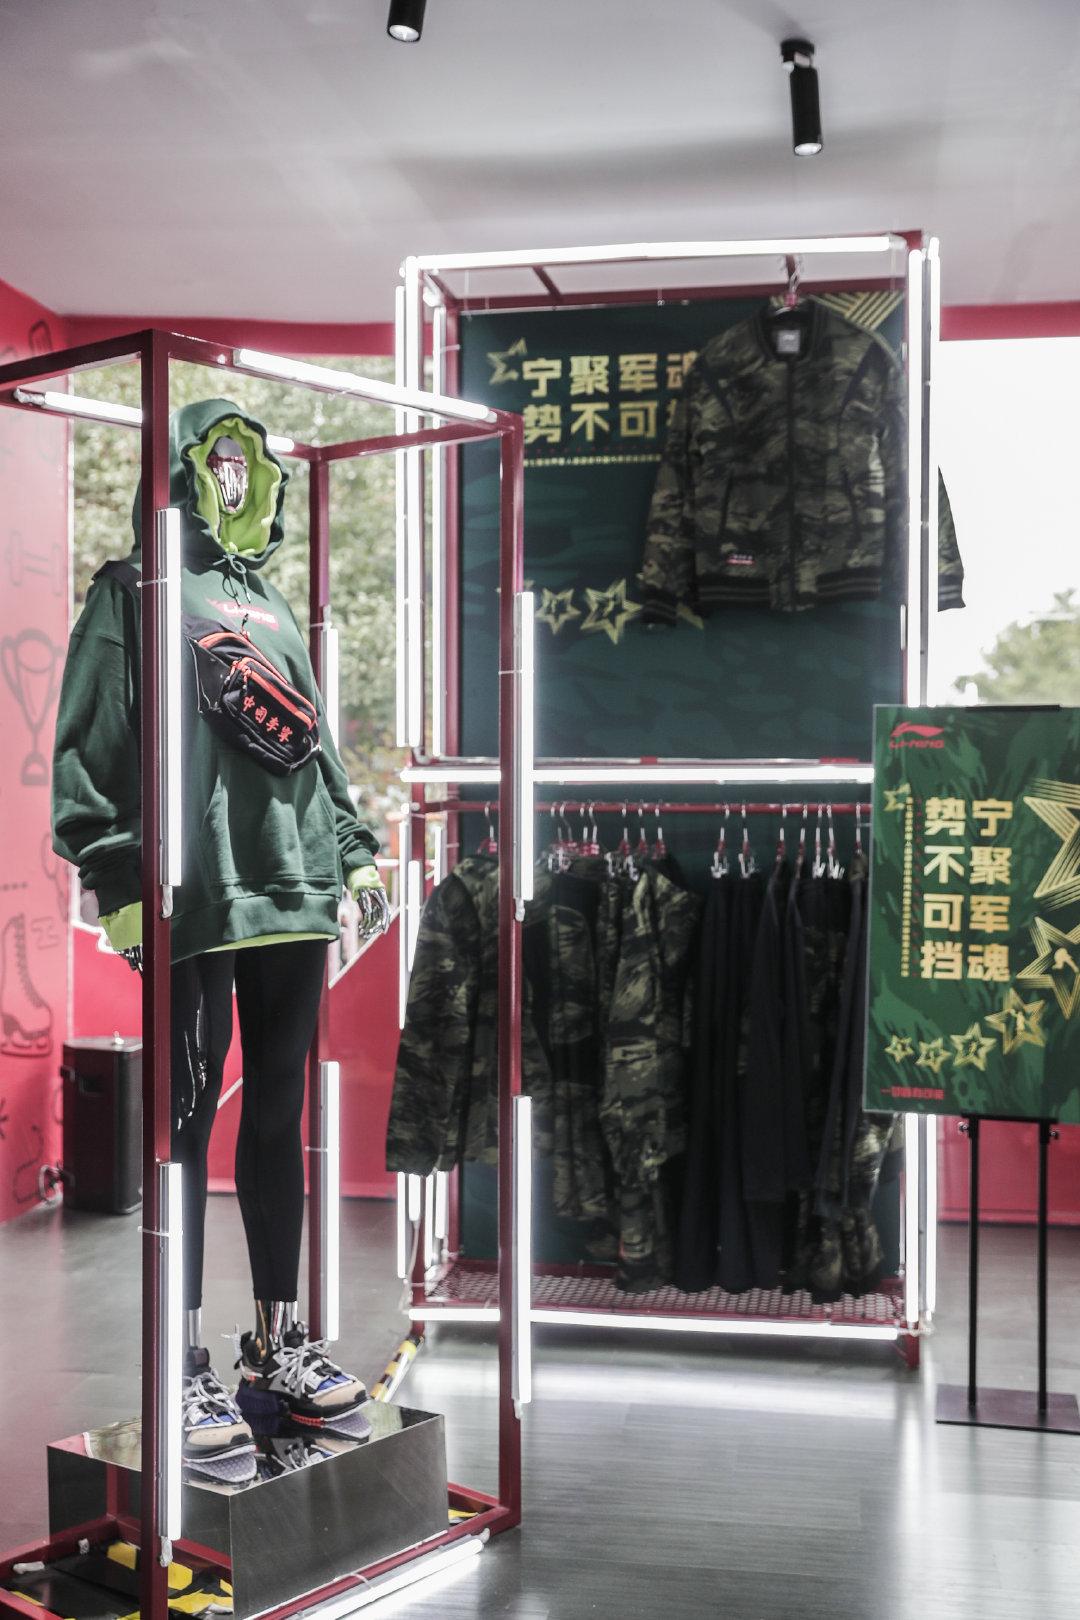 『Ning Space』北京王府井站完美落幕,期间重磅惊喜不间断